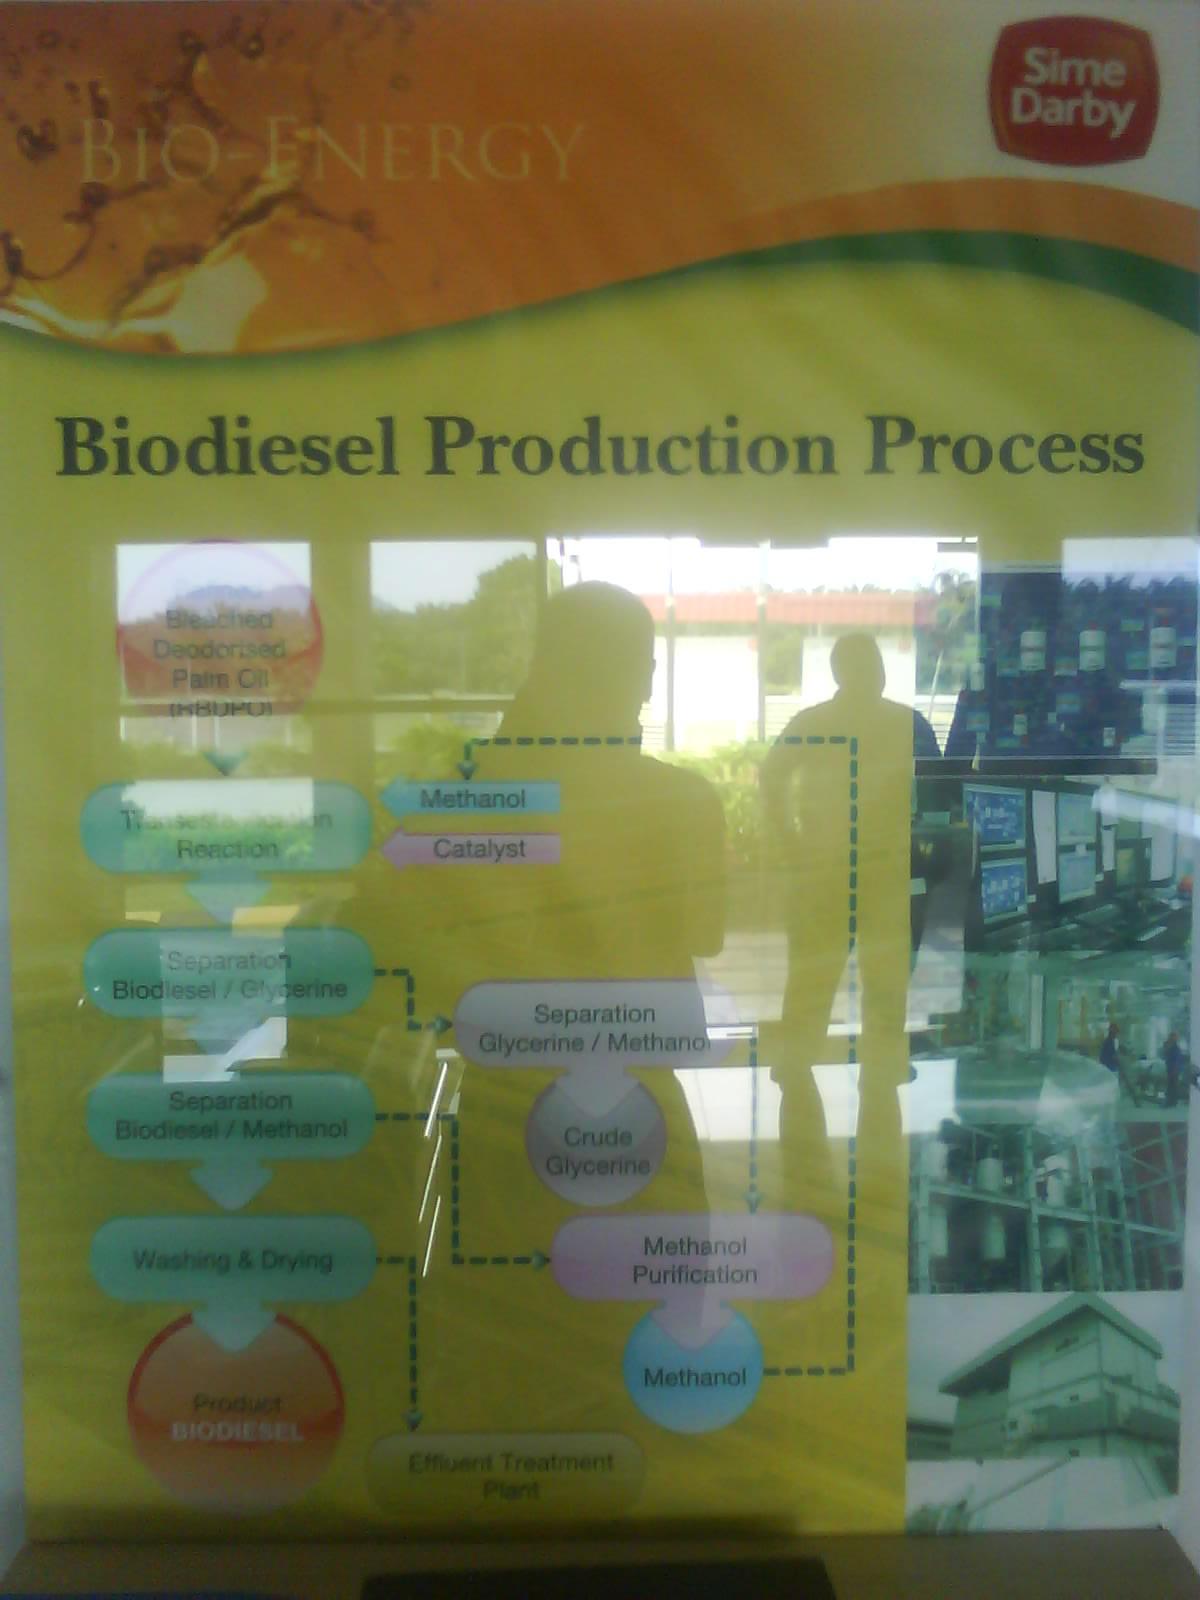 ArMa'S WorLd: Meeting & Site Visit @ Sime Darby Biodiesel ...